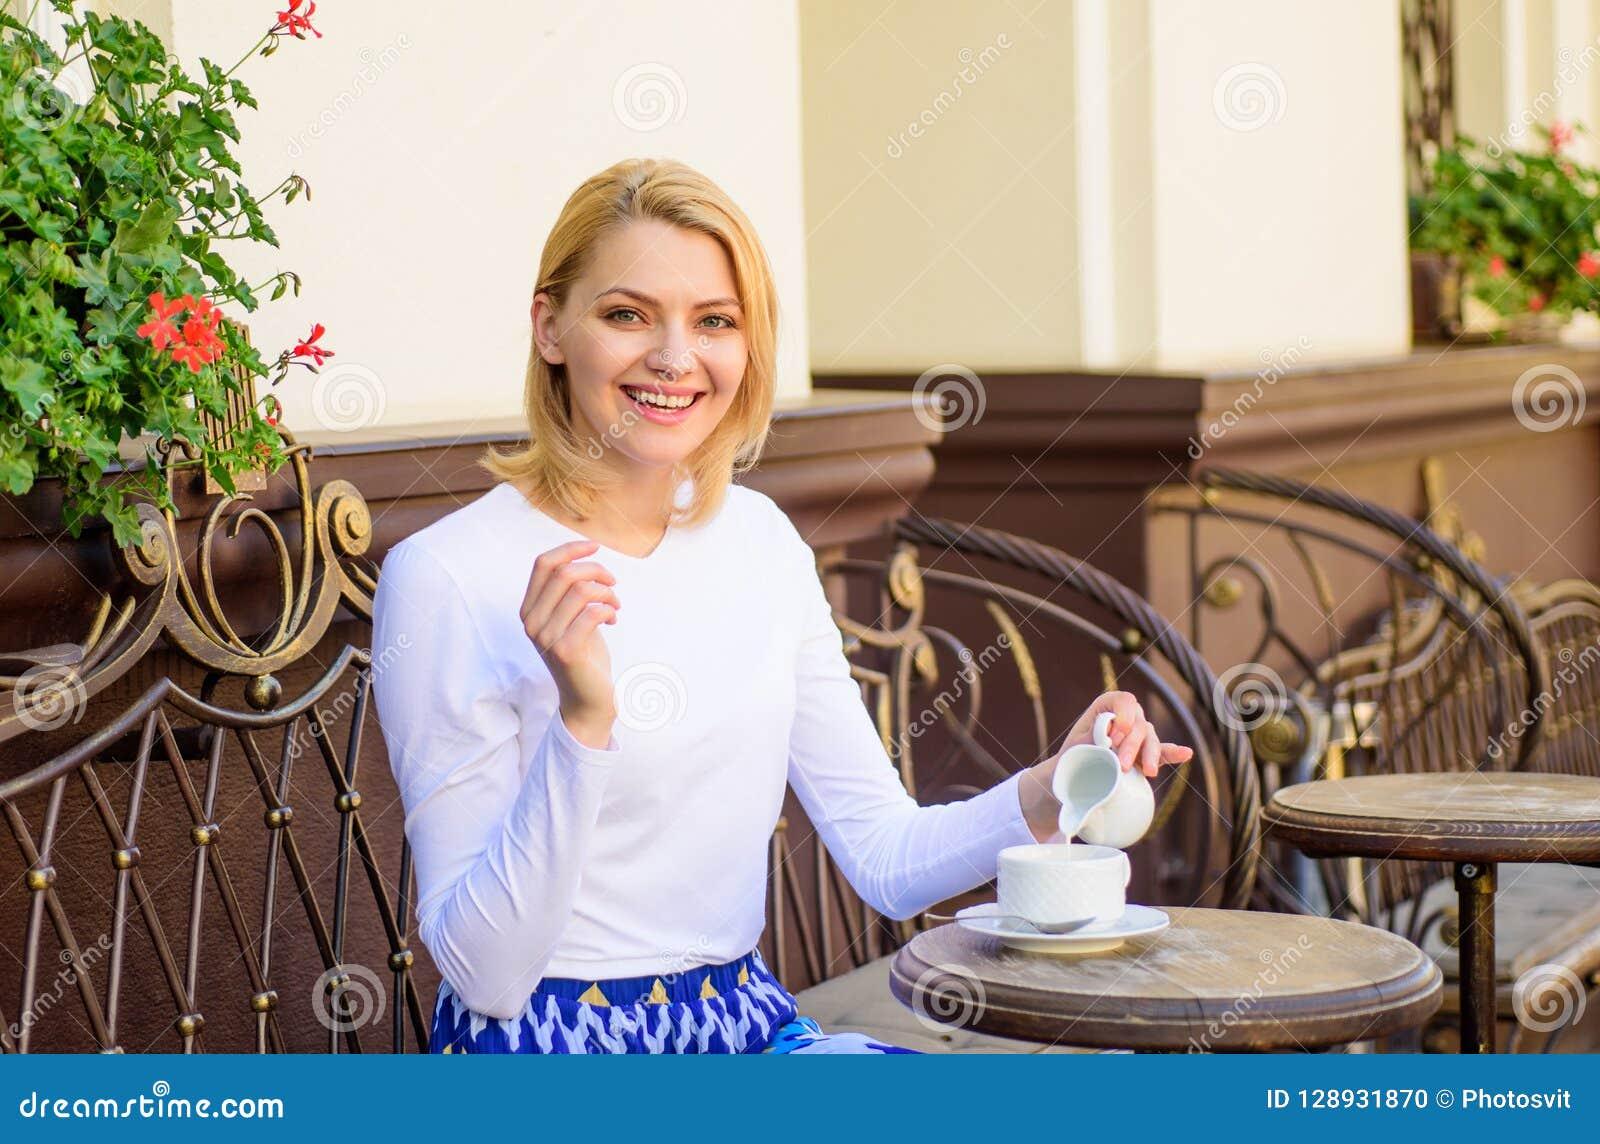 Кофе питья девушки каждое утро на том самом месте как ежедневно ритуал Кружка хорошего кофе в утре дает мне обязанность энергии